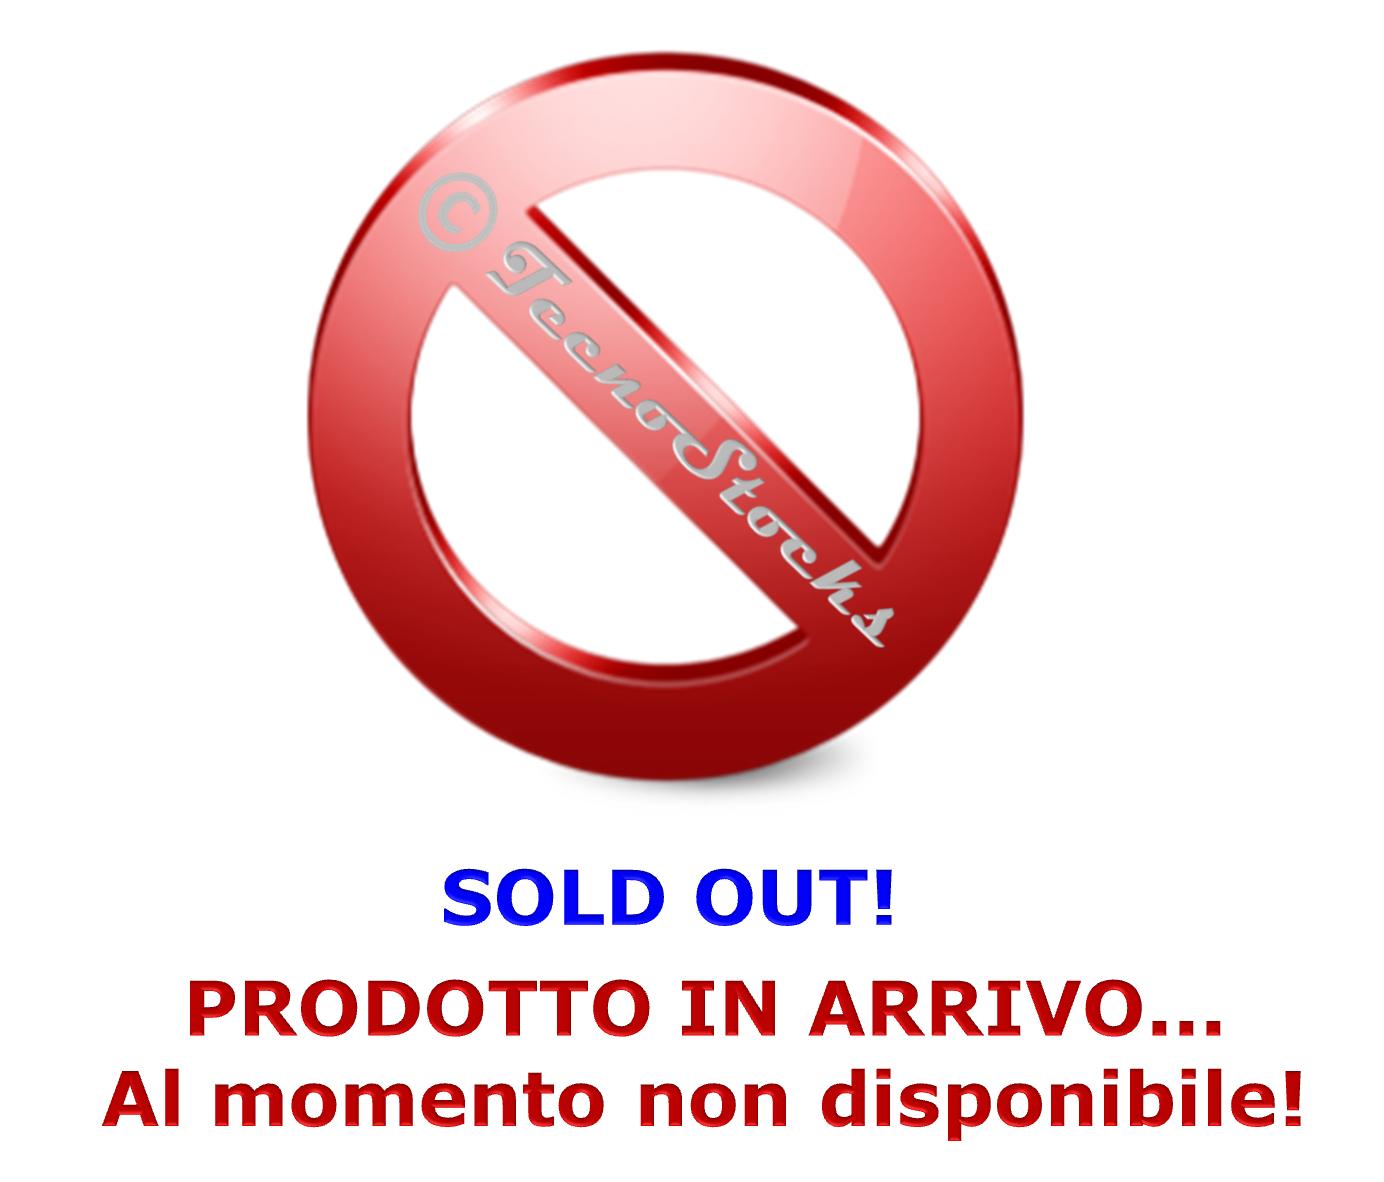 2x-Diodo-SR5100-SB5100-5A-100V-Schottky-germanio-raddrizzatore-Diode